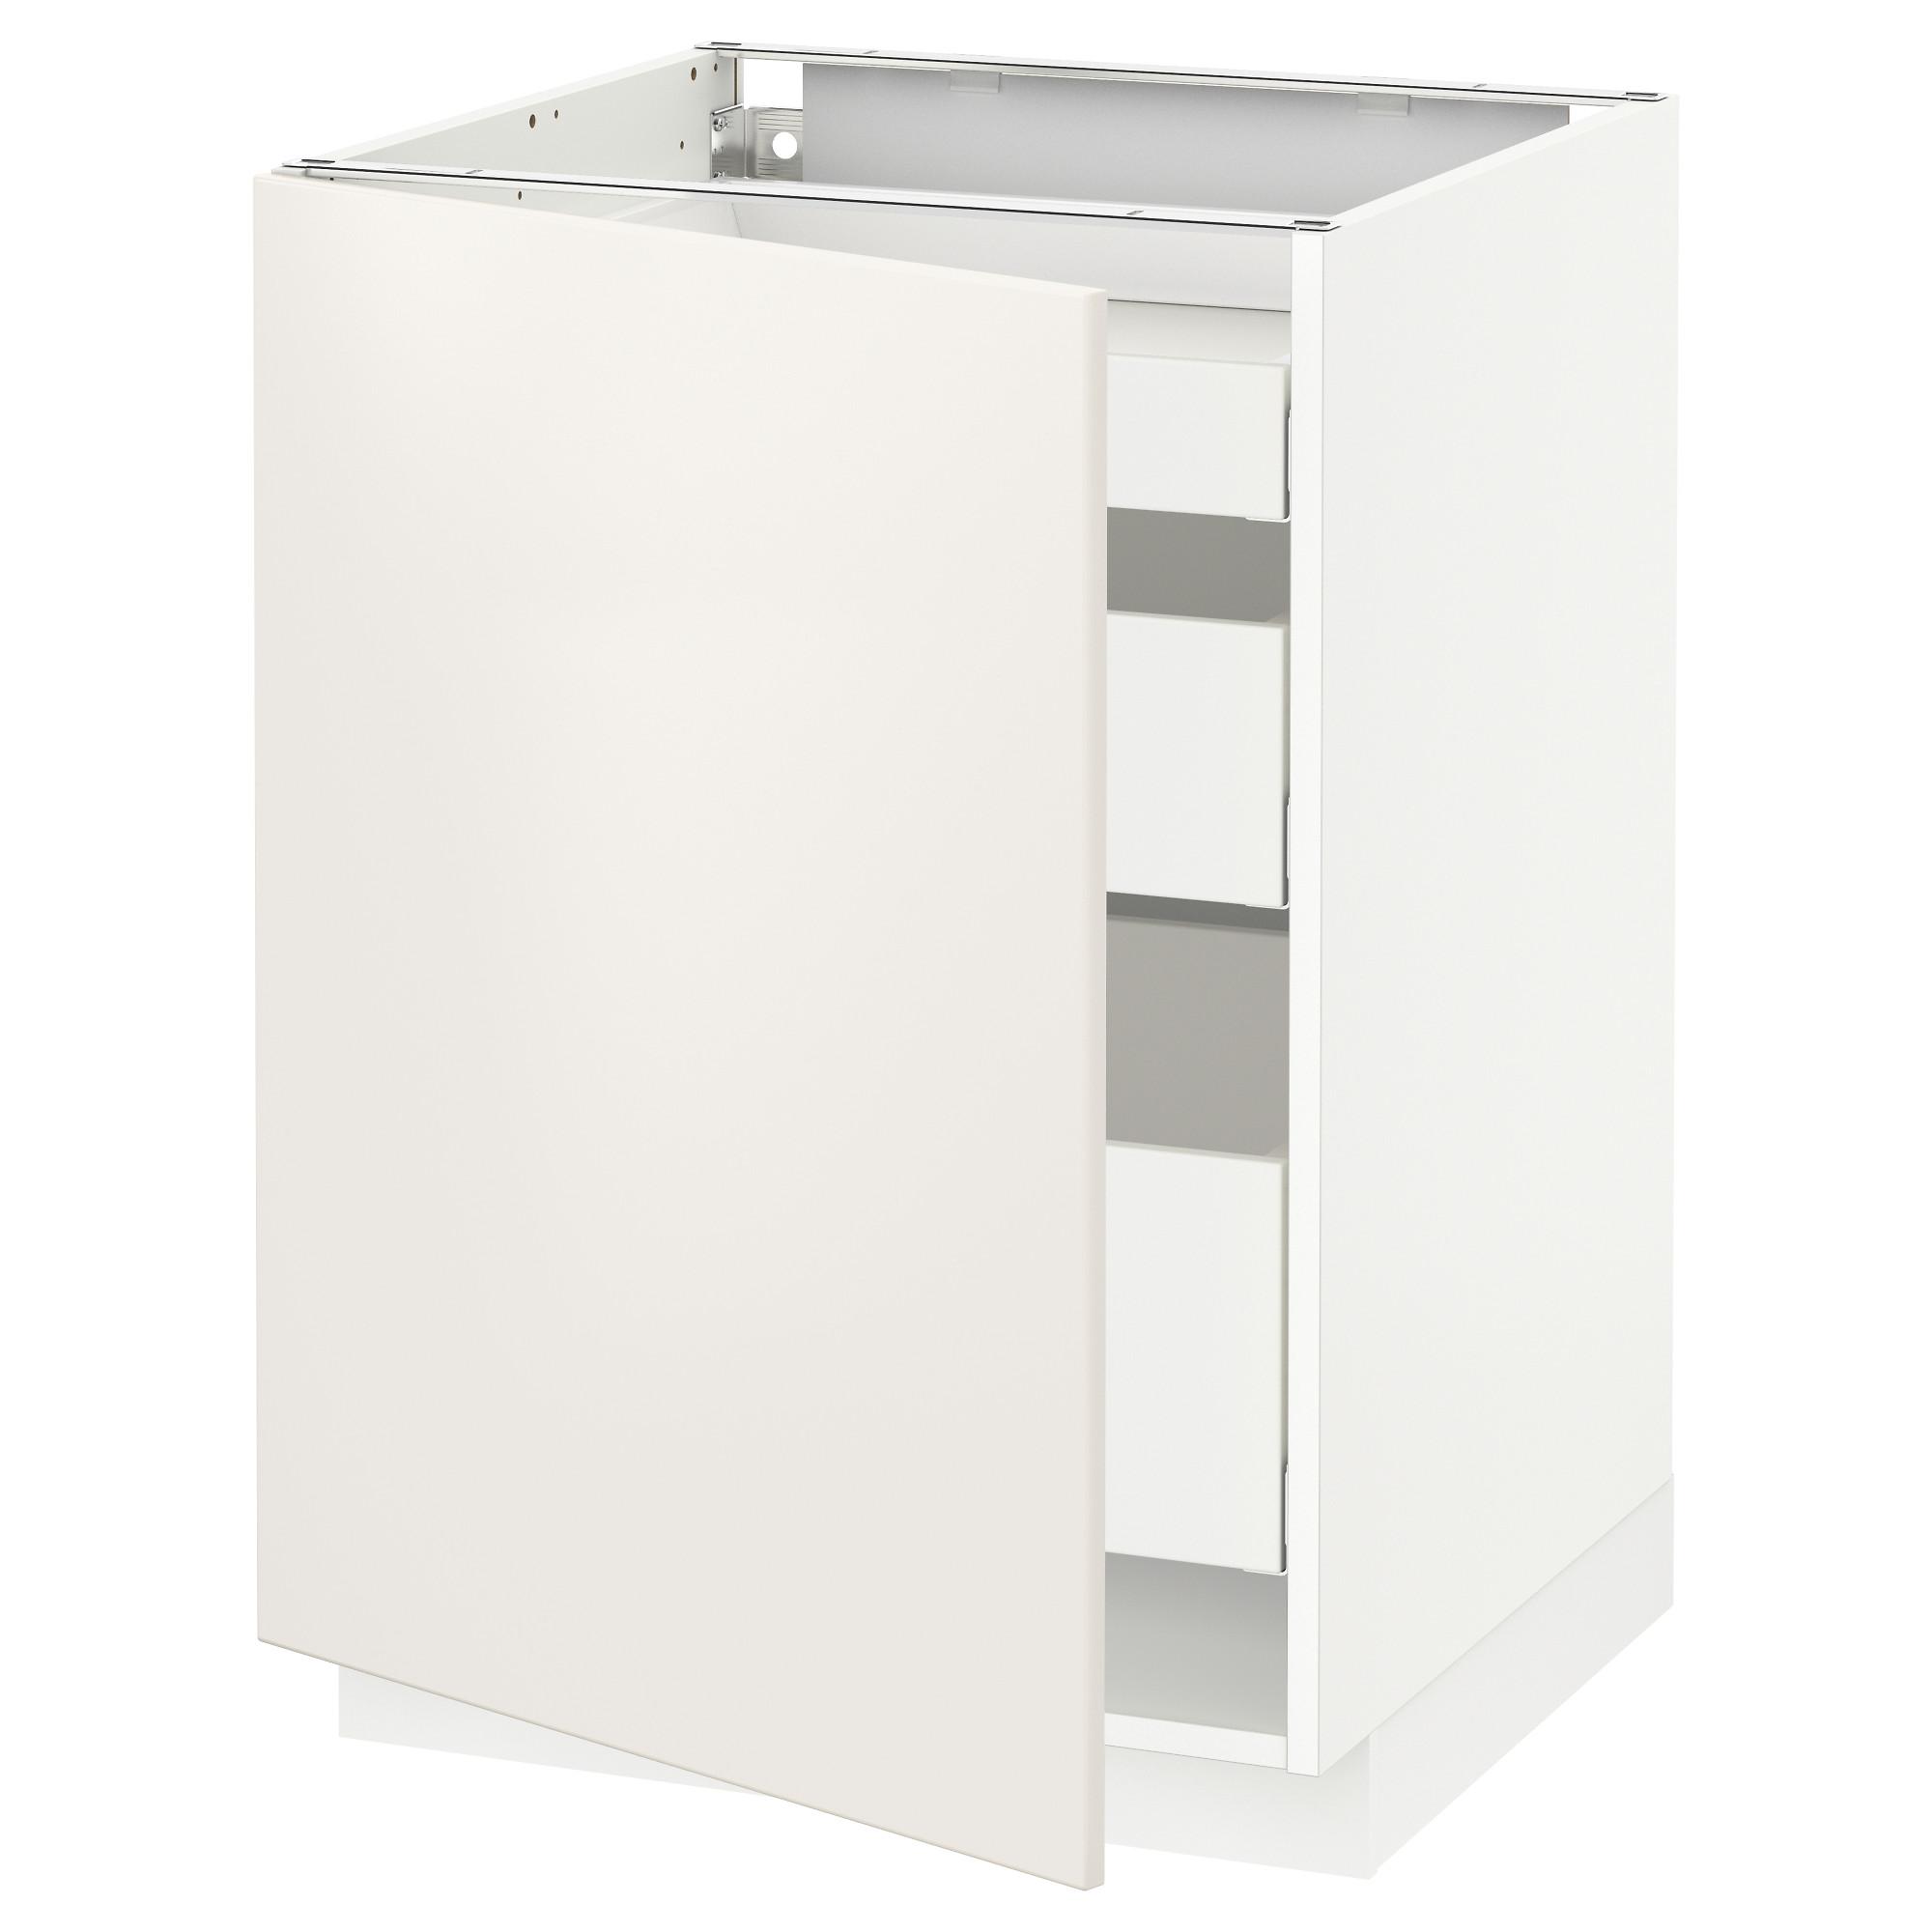 Напольный шкаф с 1 дверцей, 3 ящика МЕТОД / МАКСИМЕРА белый артикуль № 092.347.40 в наличии. Online сайт IKEA Минск. Недорогая доставка и монтаж.